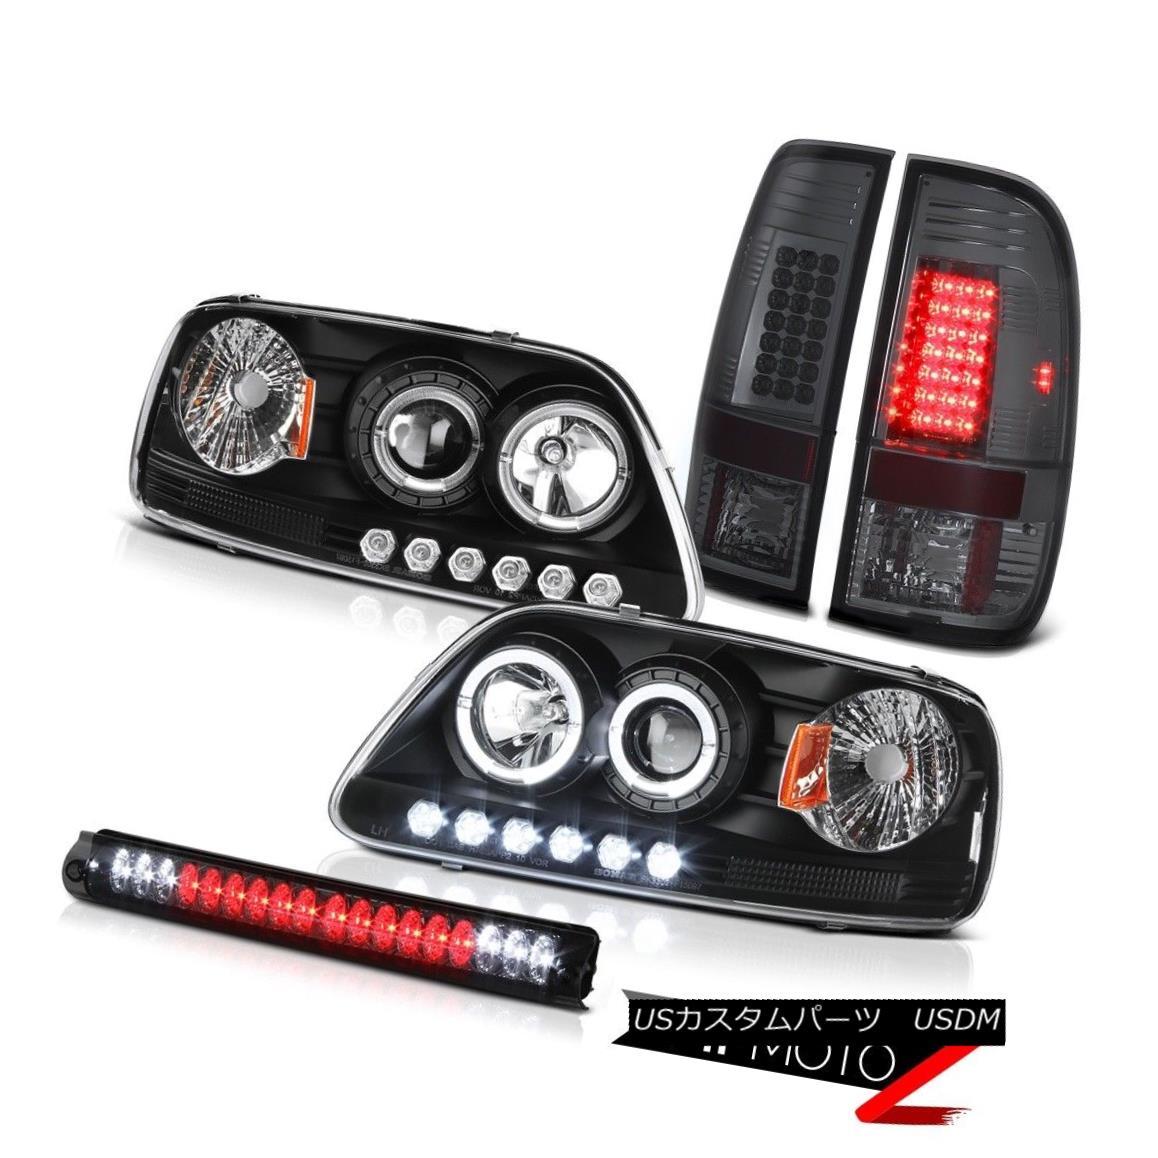 テールライト Projector Black Headlight 2001 2002 03 F150 LED Bulb Tail Light Brake Cargo Lamp プロジェクターブラックヘッドライト2001 2002 03 F150 LEDバルブテールライトブレーキカーゴランプ